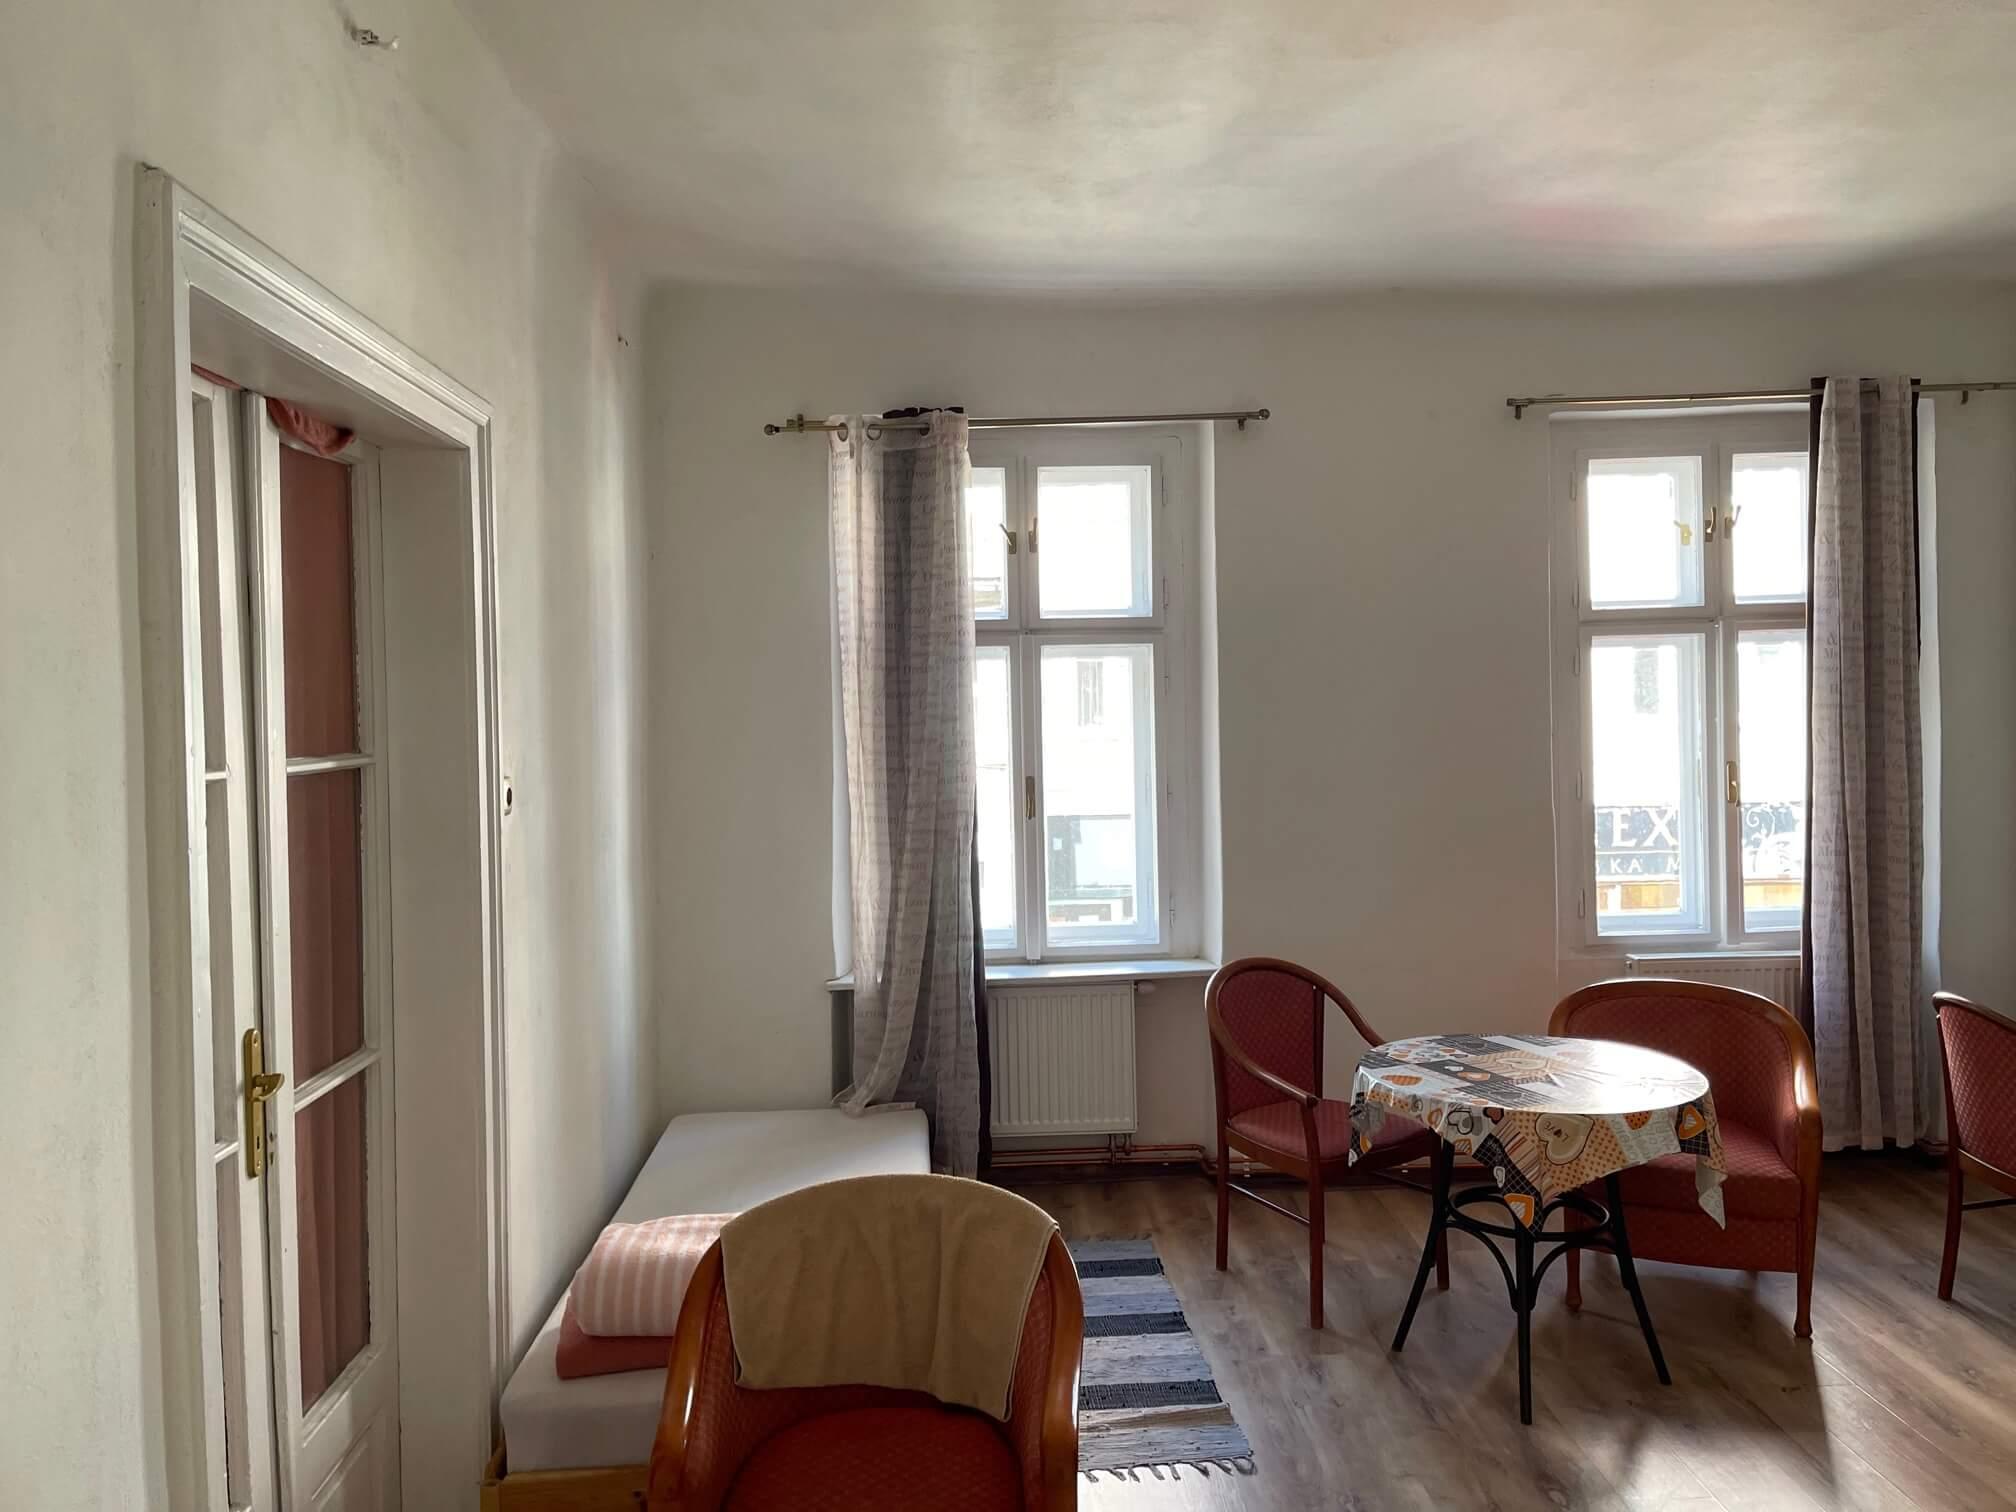 Exkluzívne na prenájom 4 izbový byt,Centrum,Obchodná ulica 36, plocha 130m2,zariadený,aj jednotlivo izby-6